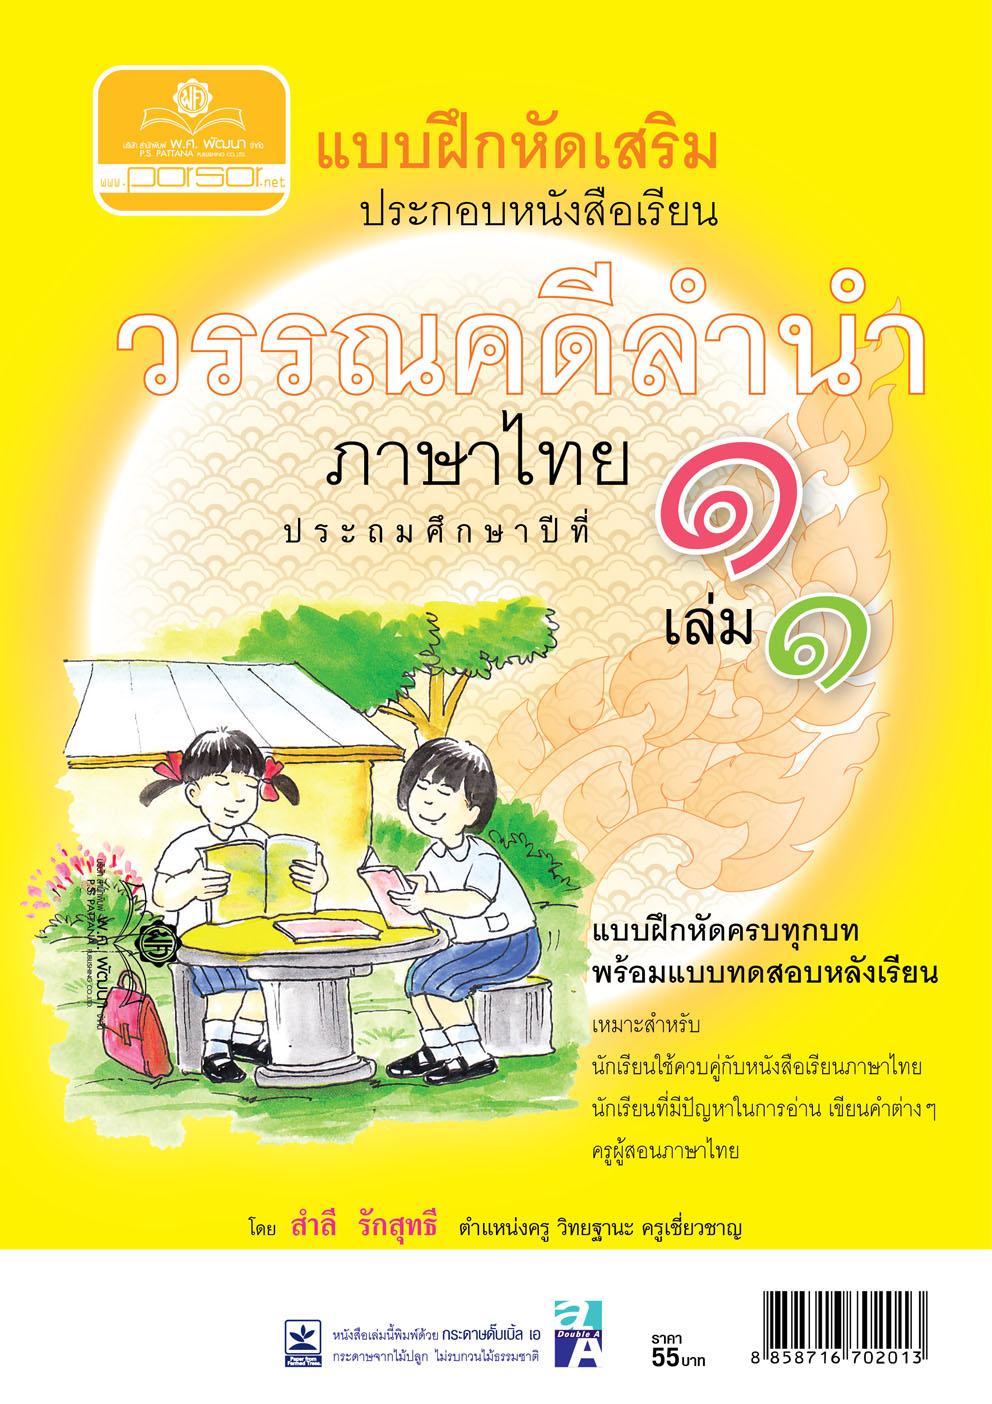 แบบฝึกหัดเสริม ภาษาไทย ป.1 เล่ม 1 วรรณคดีลำนำ